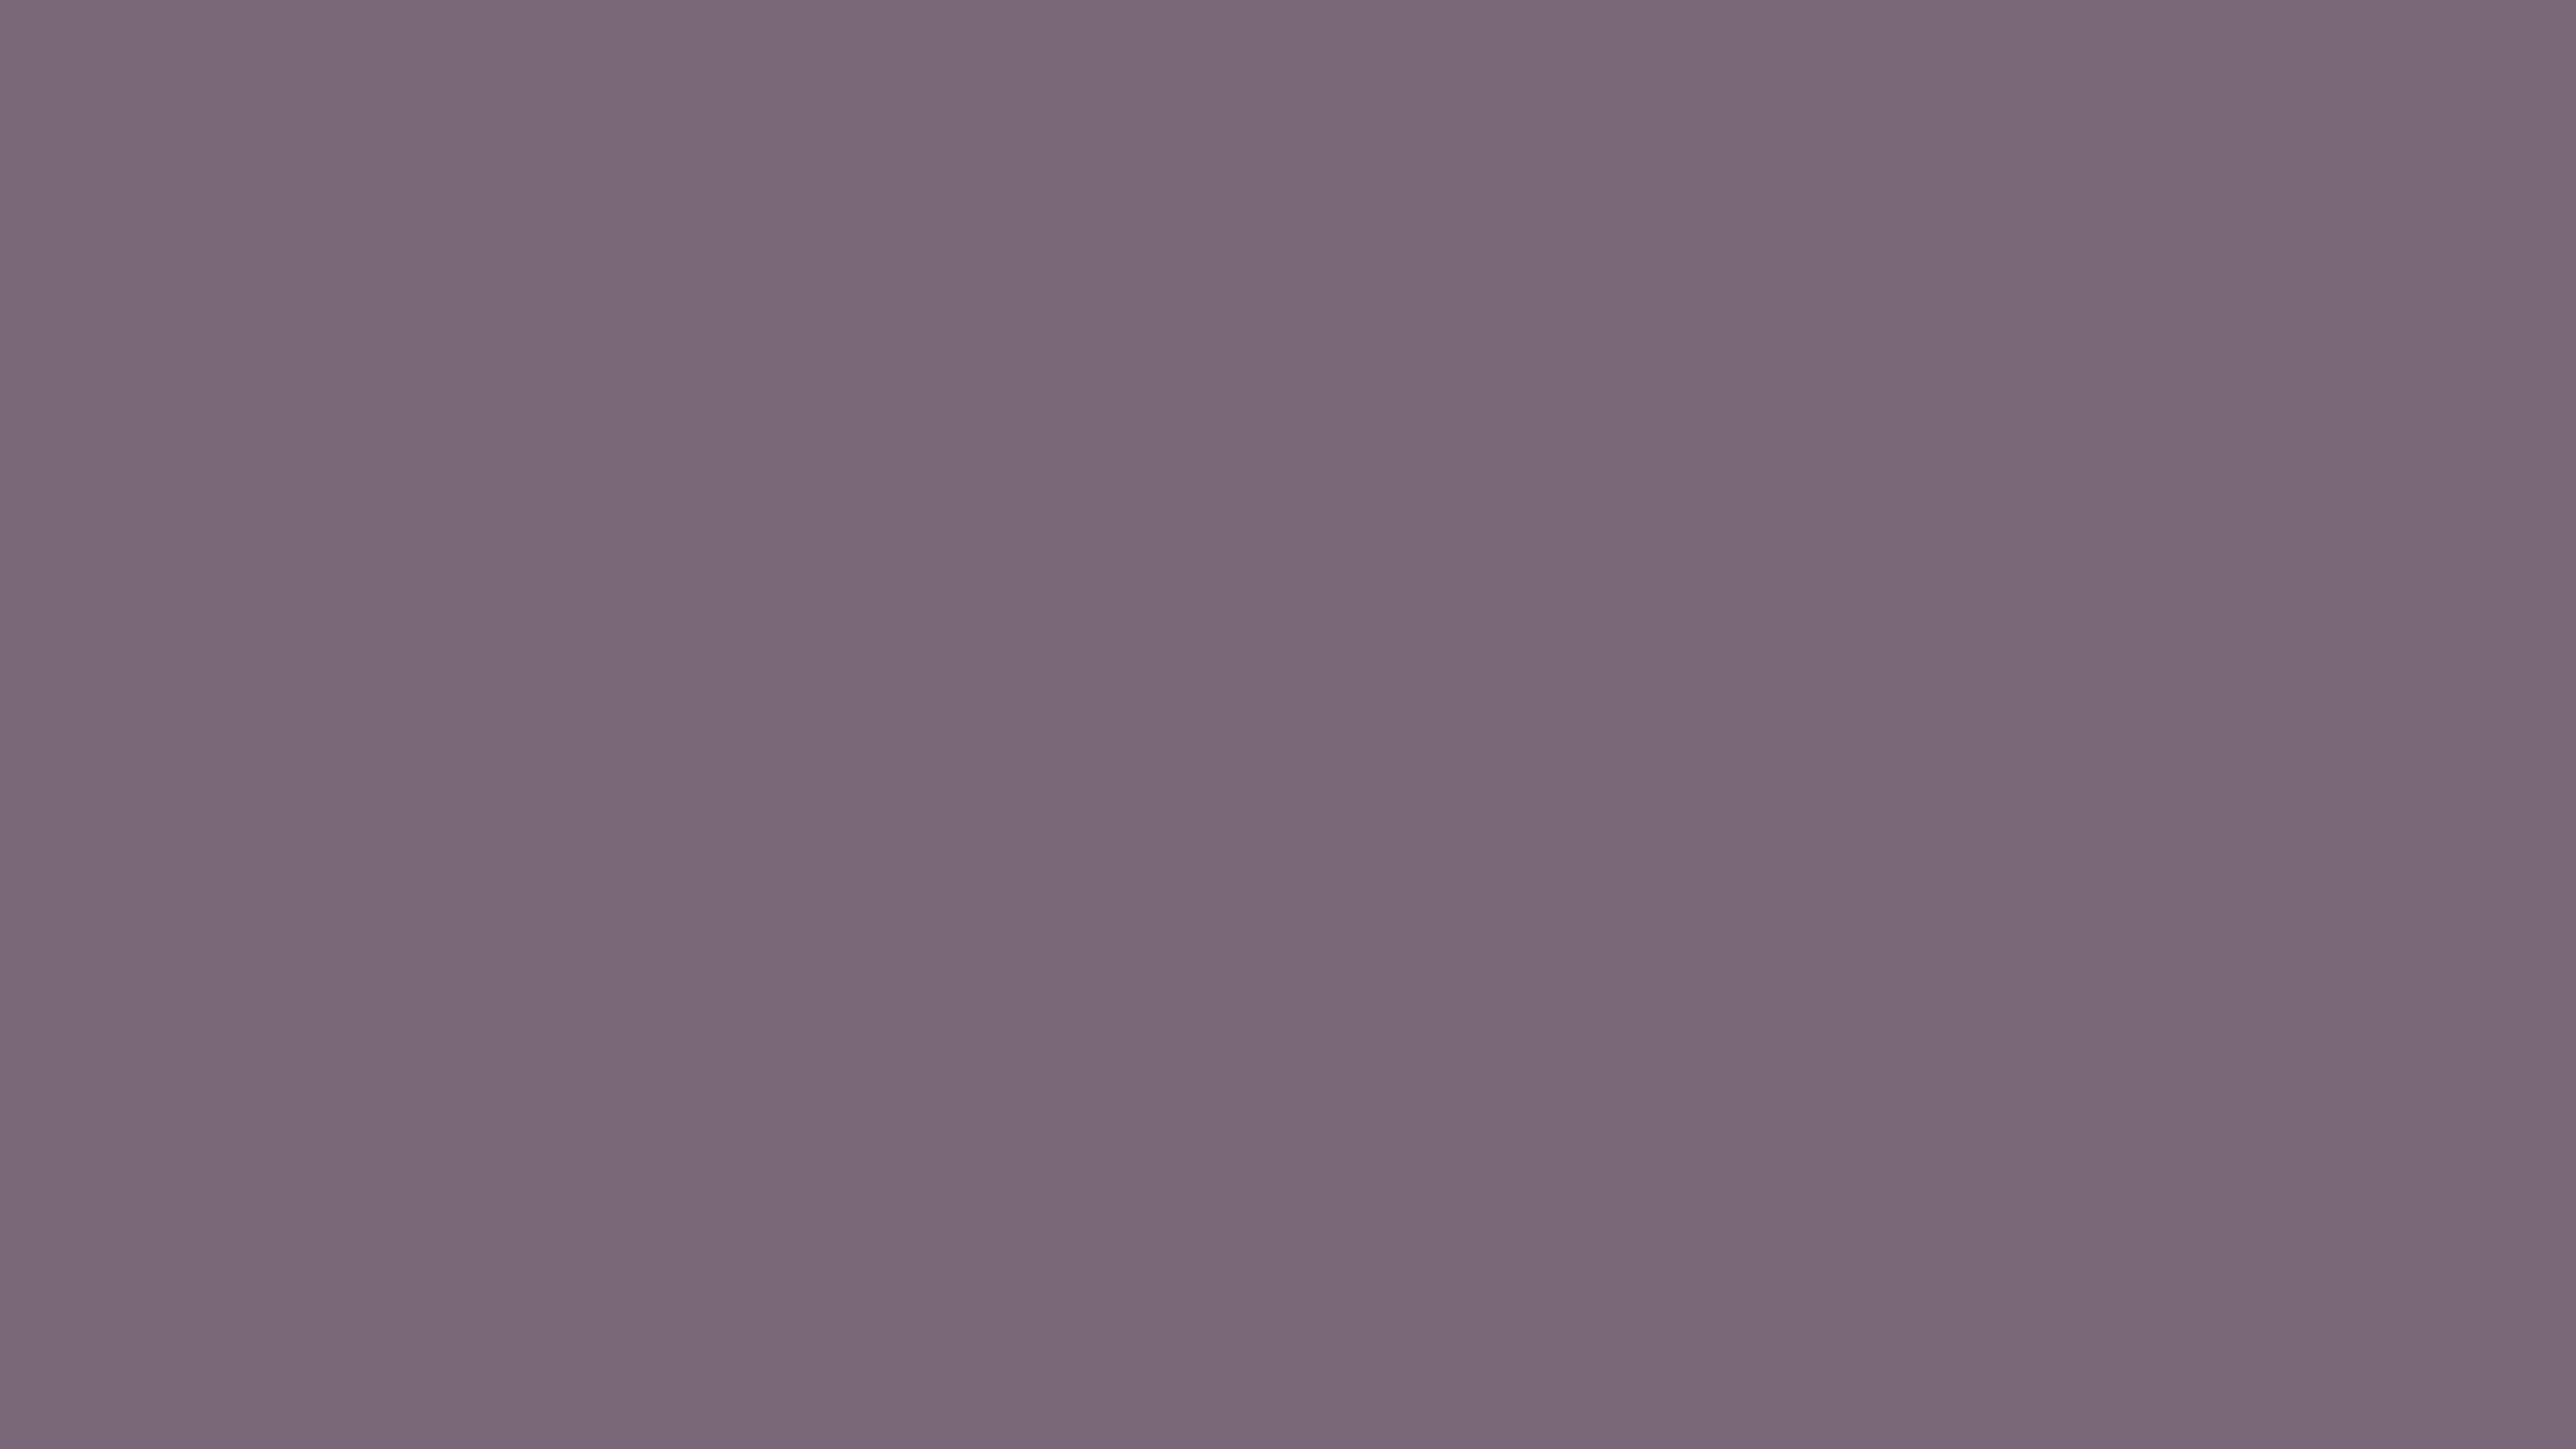 5120x2880 Old Lavender Solid Color Background